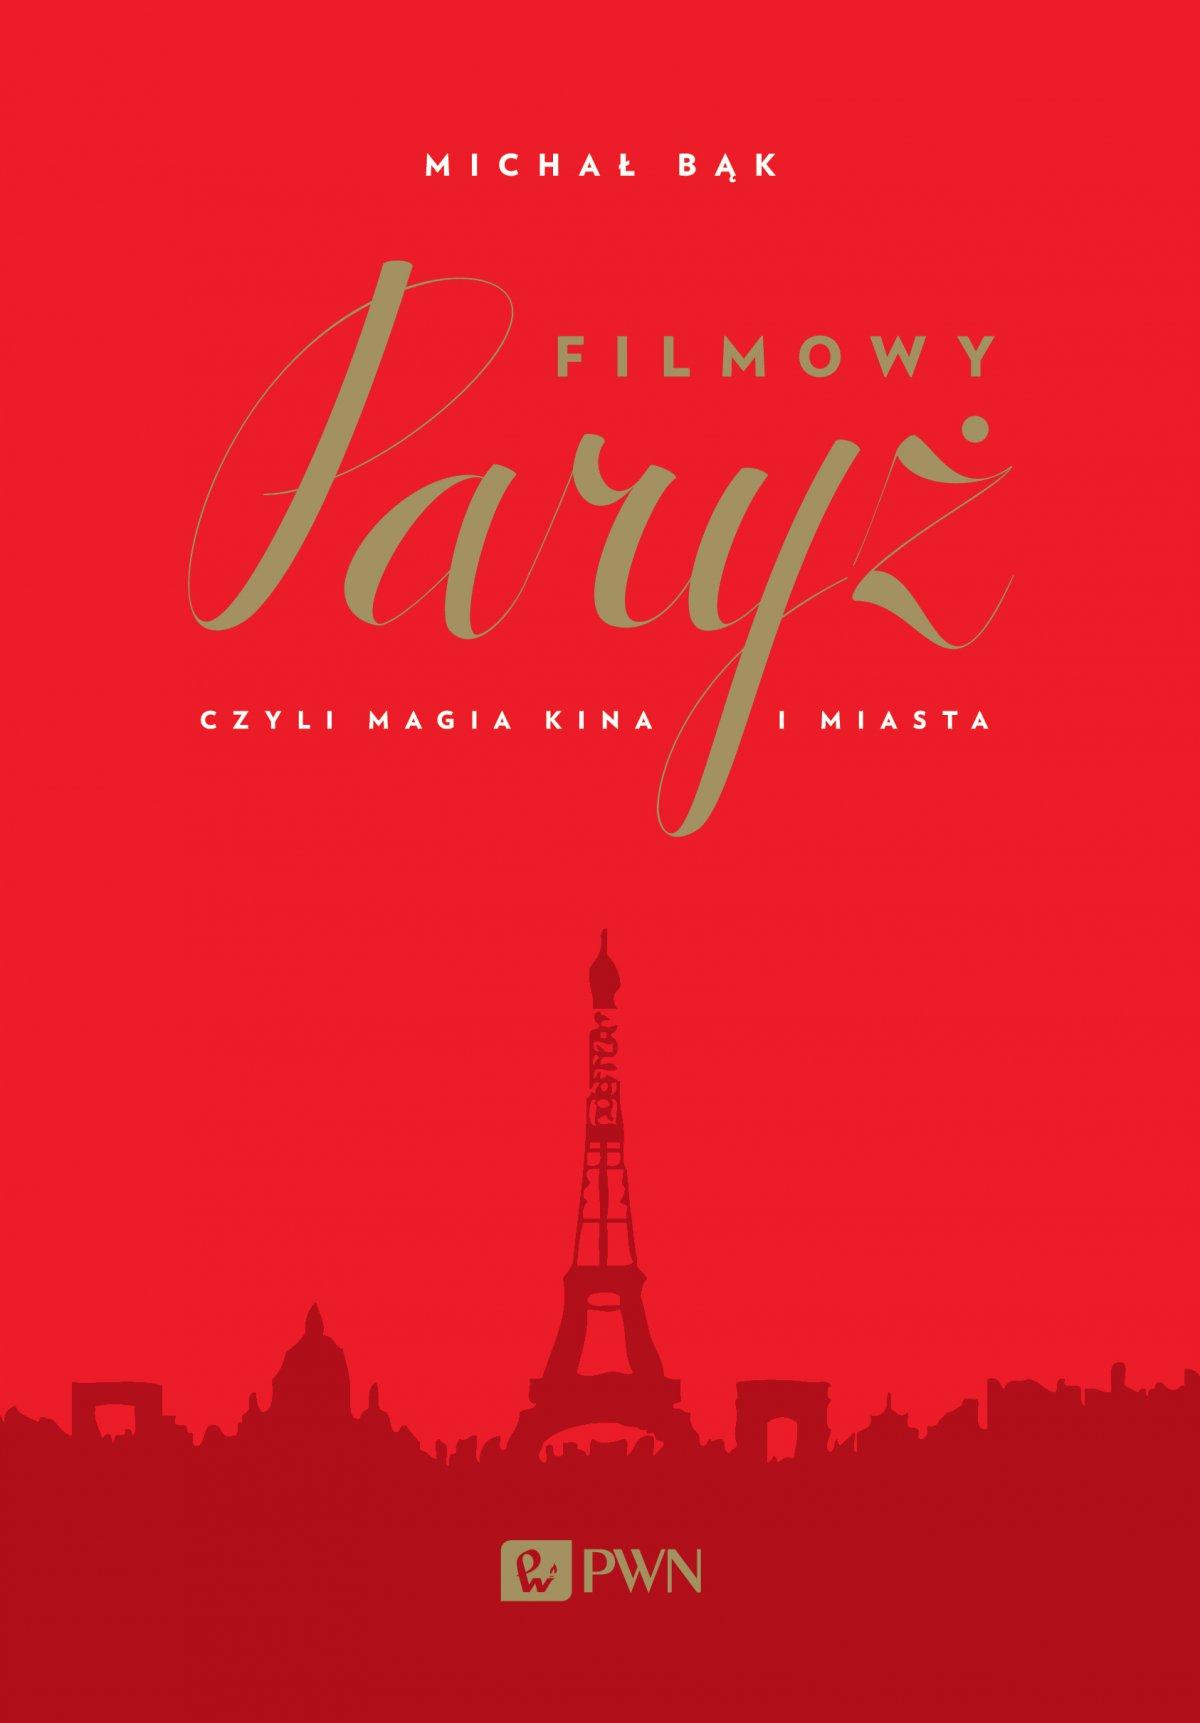 Filmowy Paryż. Czyli magia kina i miasta. - Ebook (Książka EPUB) do pobrania w formacie EPUB